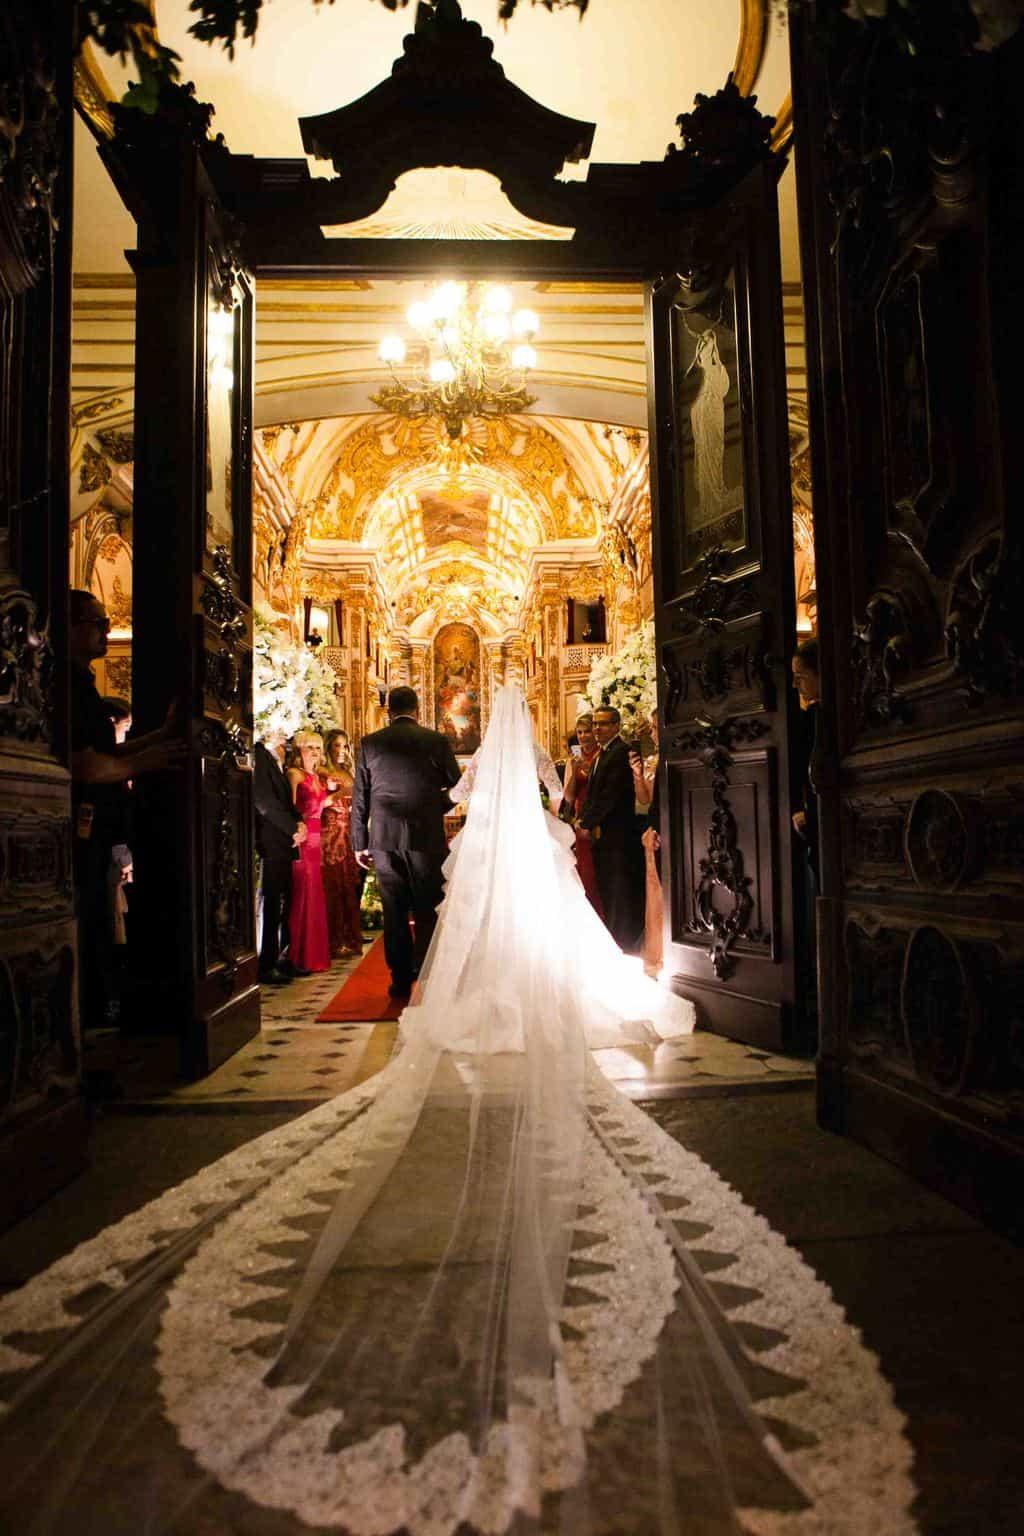 Casamento-Clássico-Casamento-tradicional-Cerimônia-Copacabana-Palace-Monica-Roias-Ribas-Foto-e-Vídeo-Tuanny-e-Bernardo-CaseMe-3